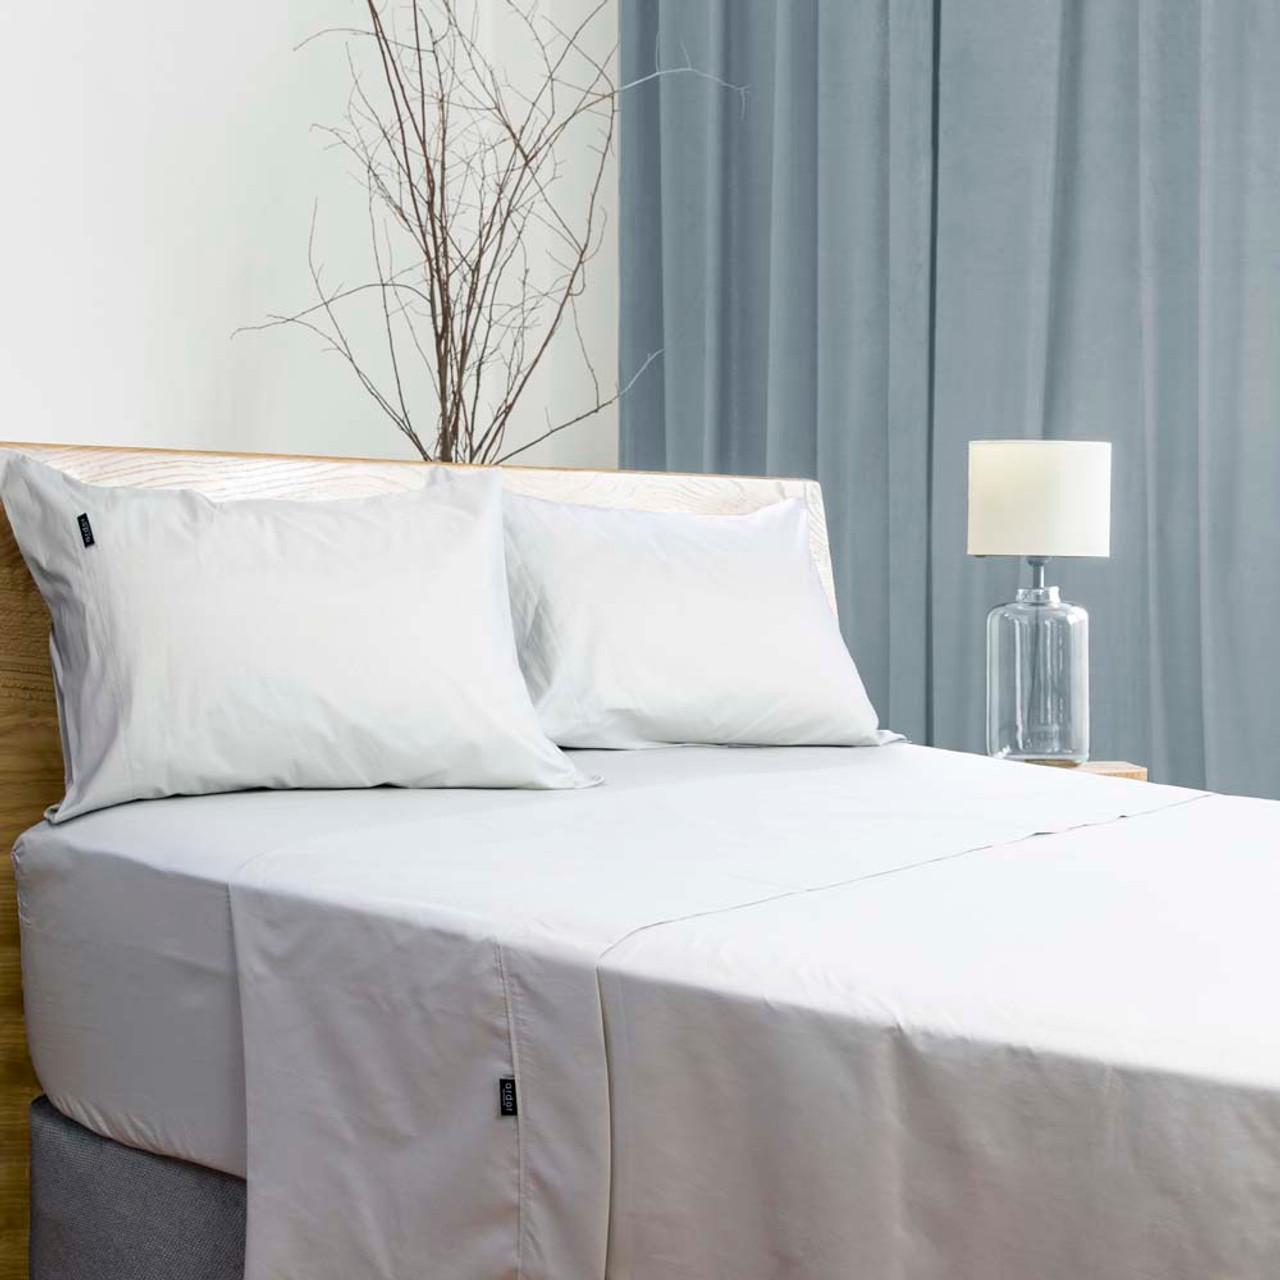 antibacterial white 700tc sheet set king bed